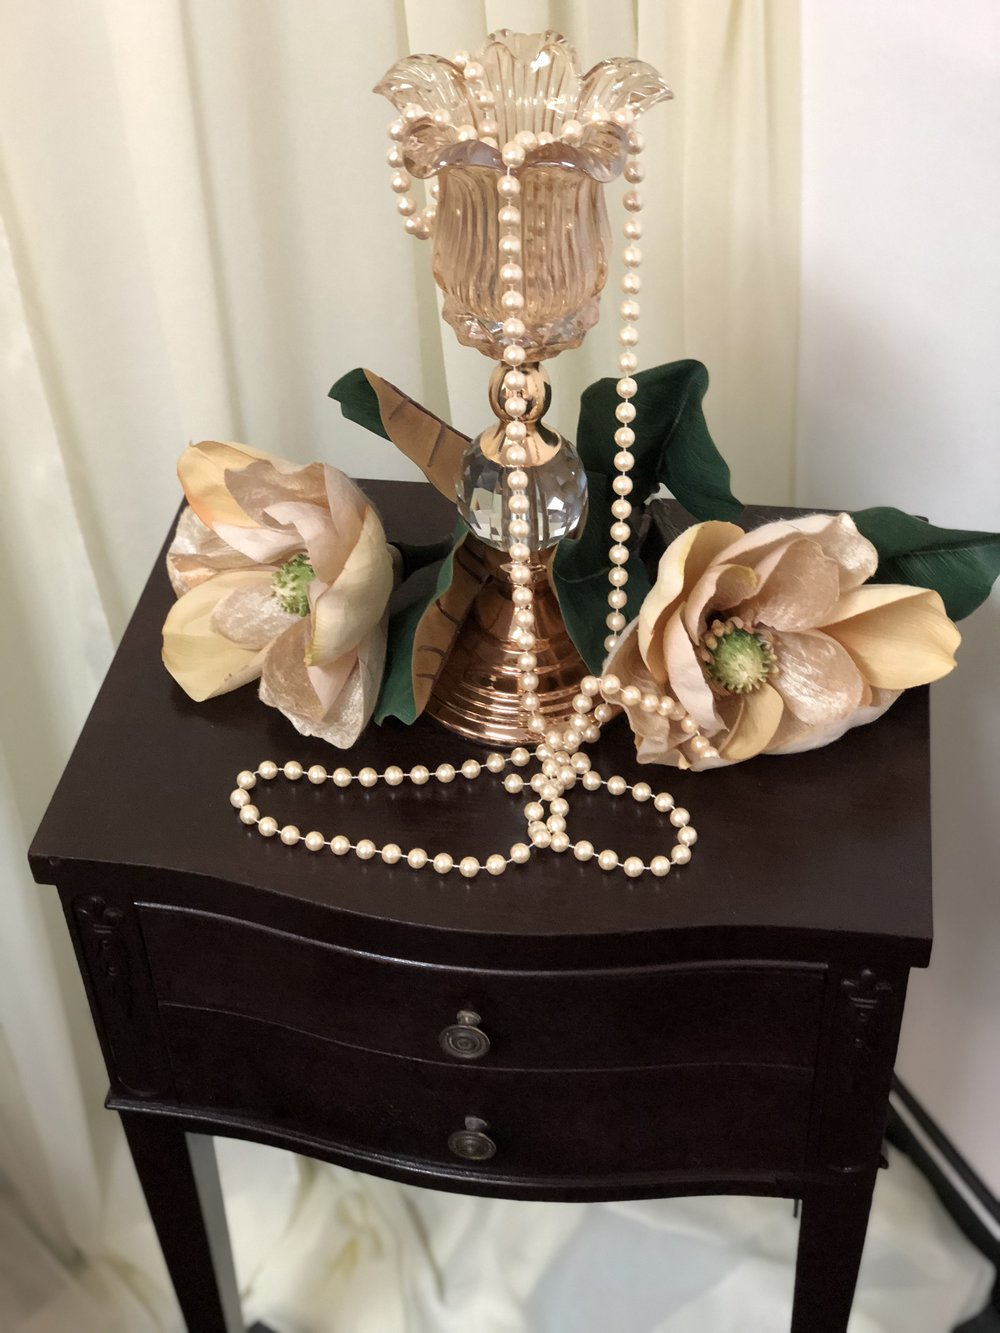 Vintage Wood Desk, Flower Candle Holder, & Pearls